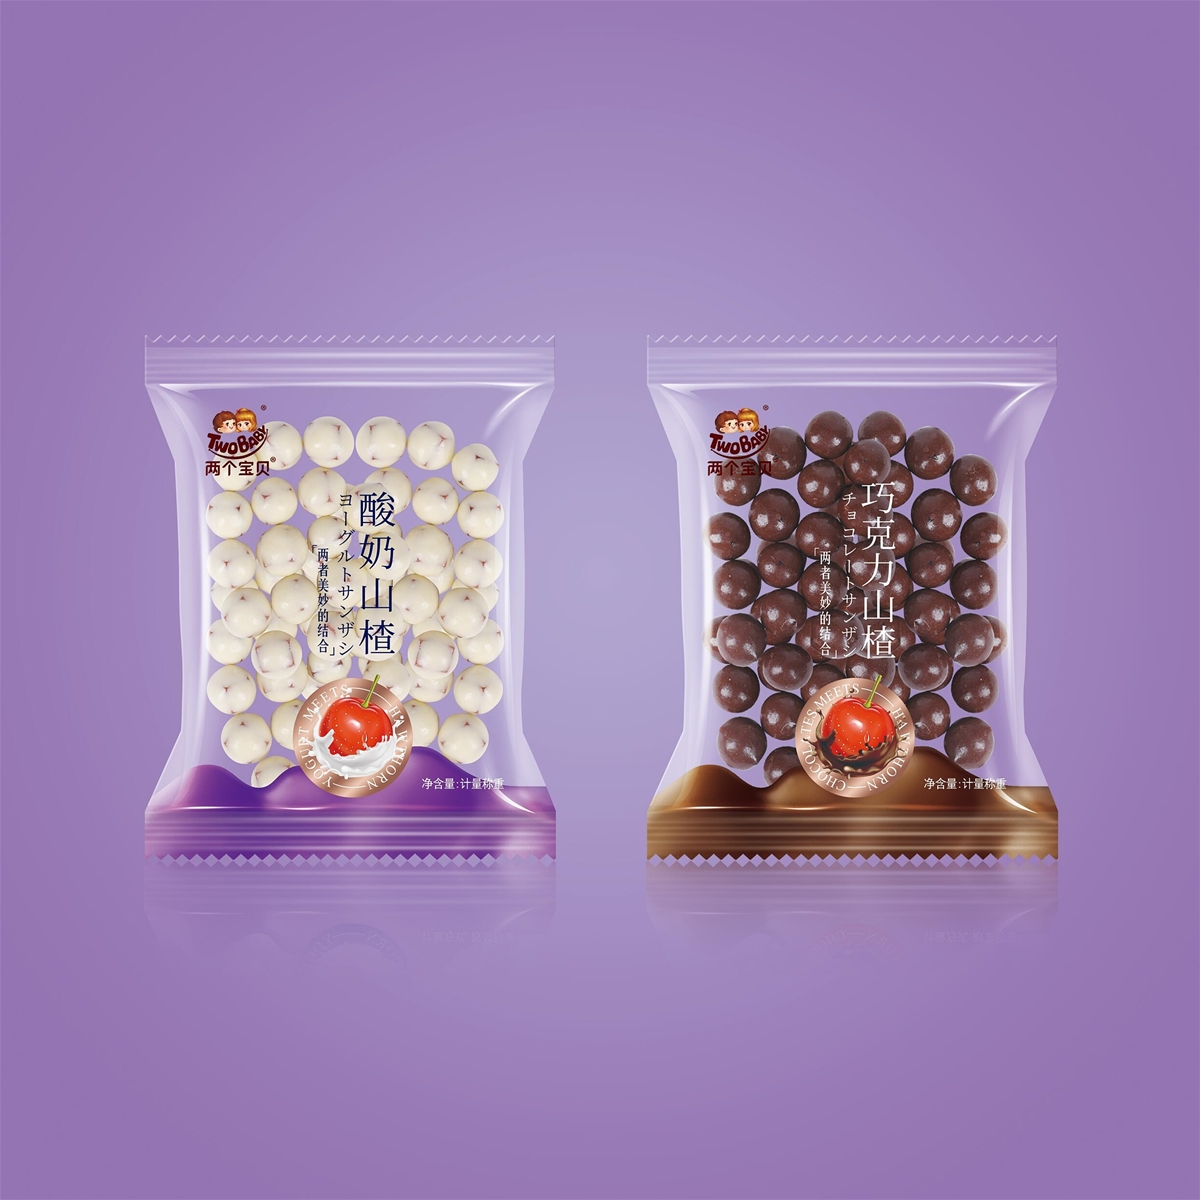 两个宝贝新品酸奶山楂&巧克力山楂球